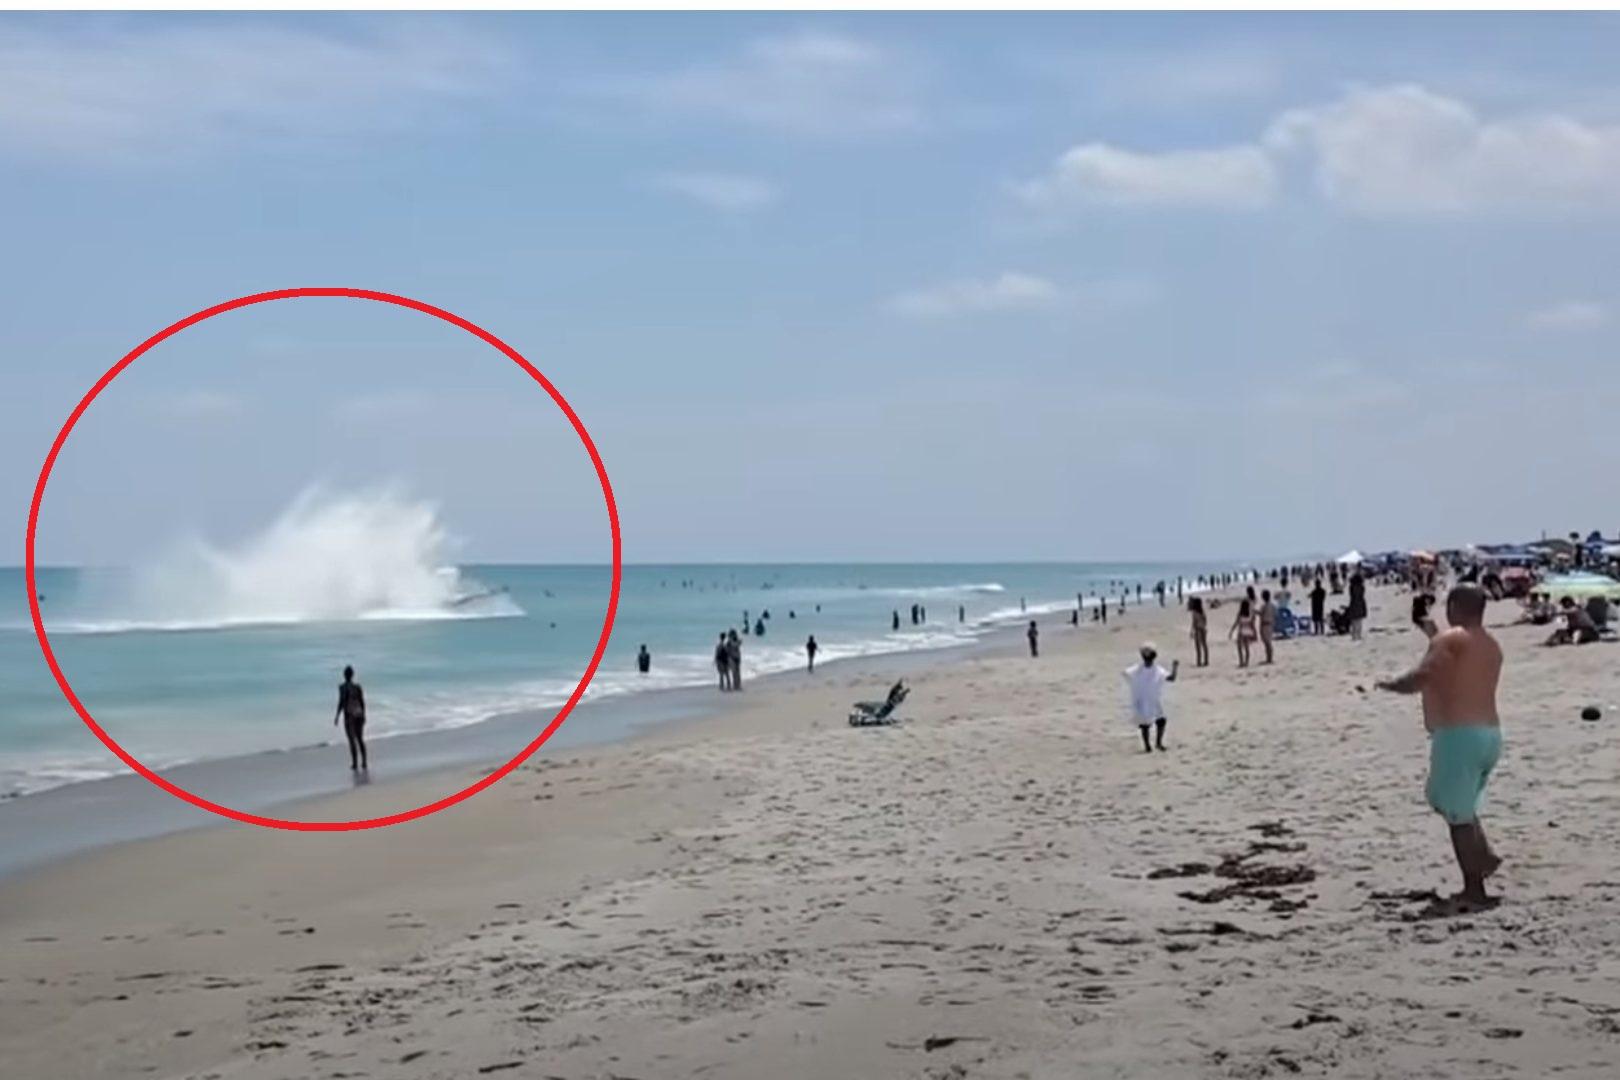 Samolot wylądował w oceanie